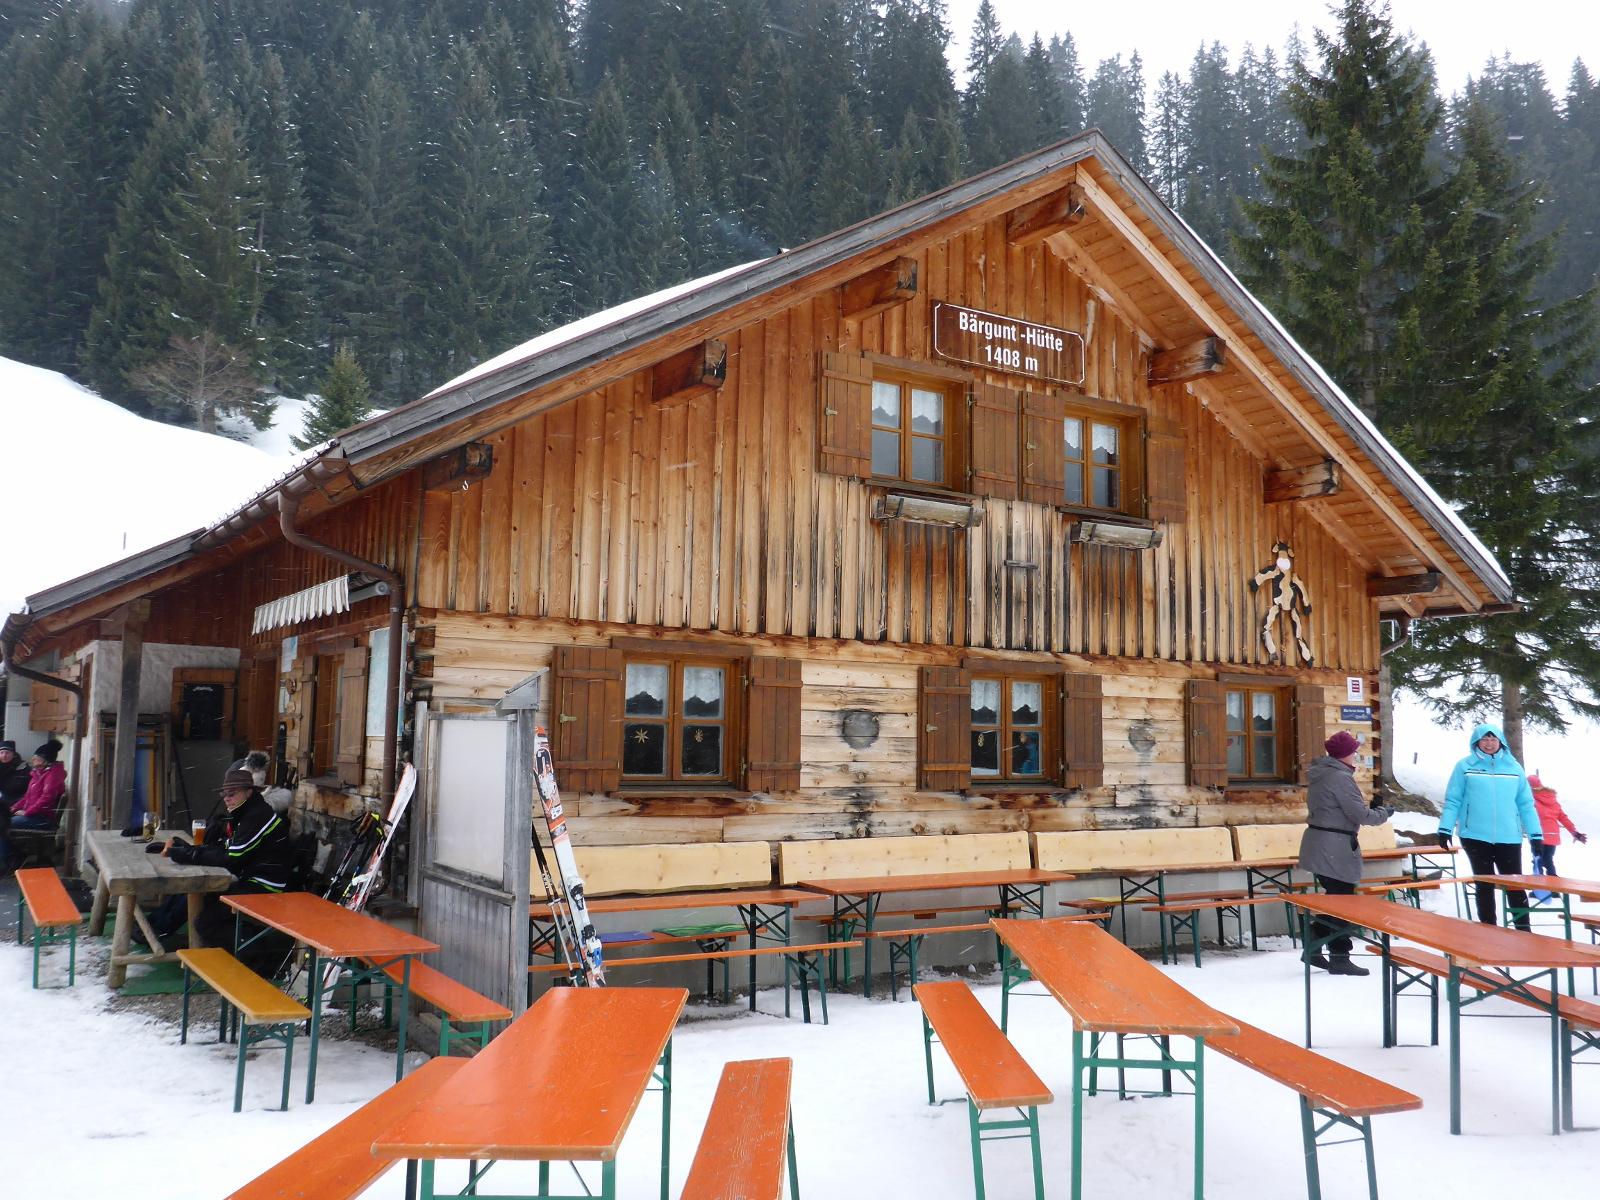 Bärgunt-Hütte